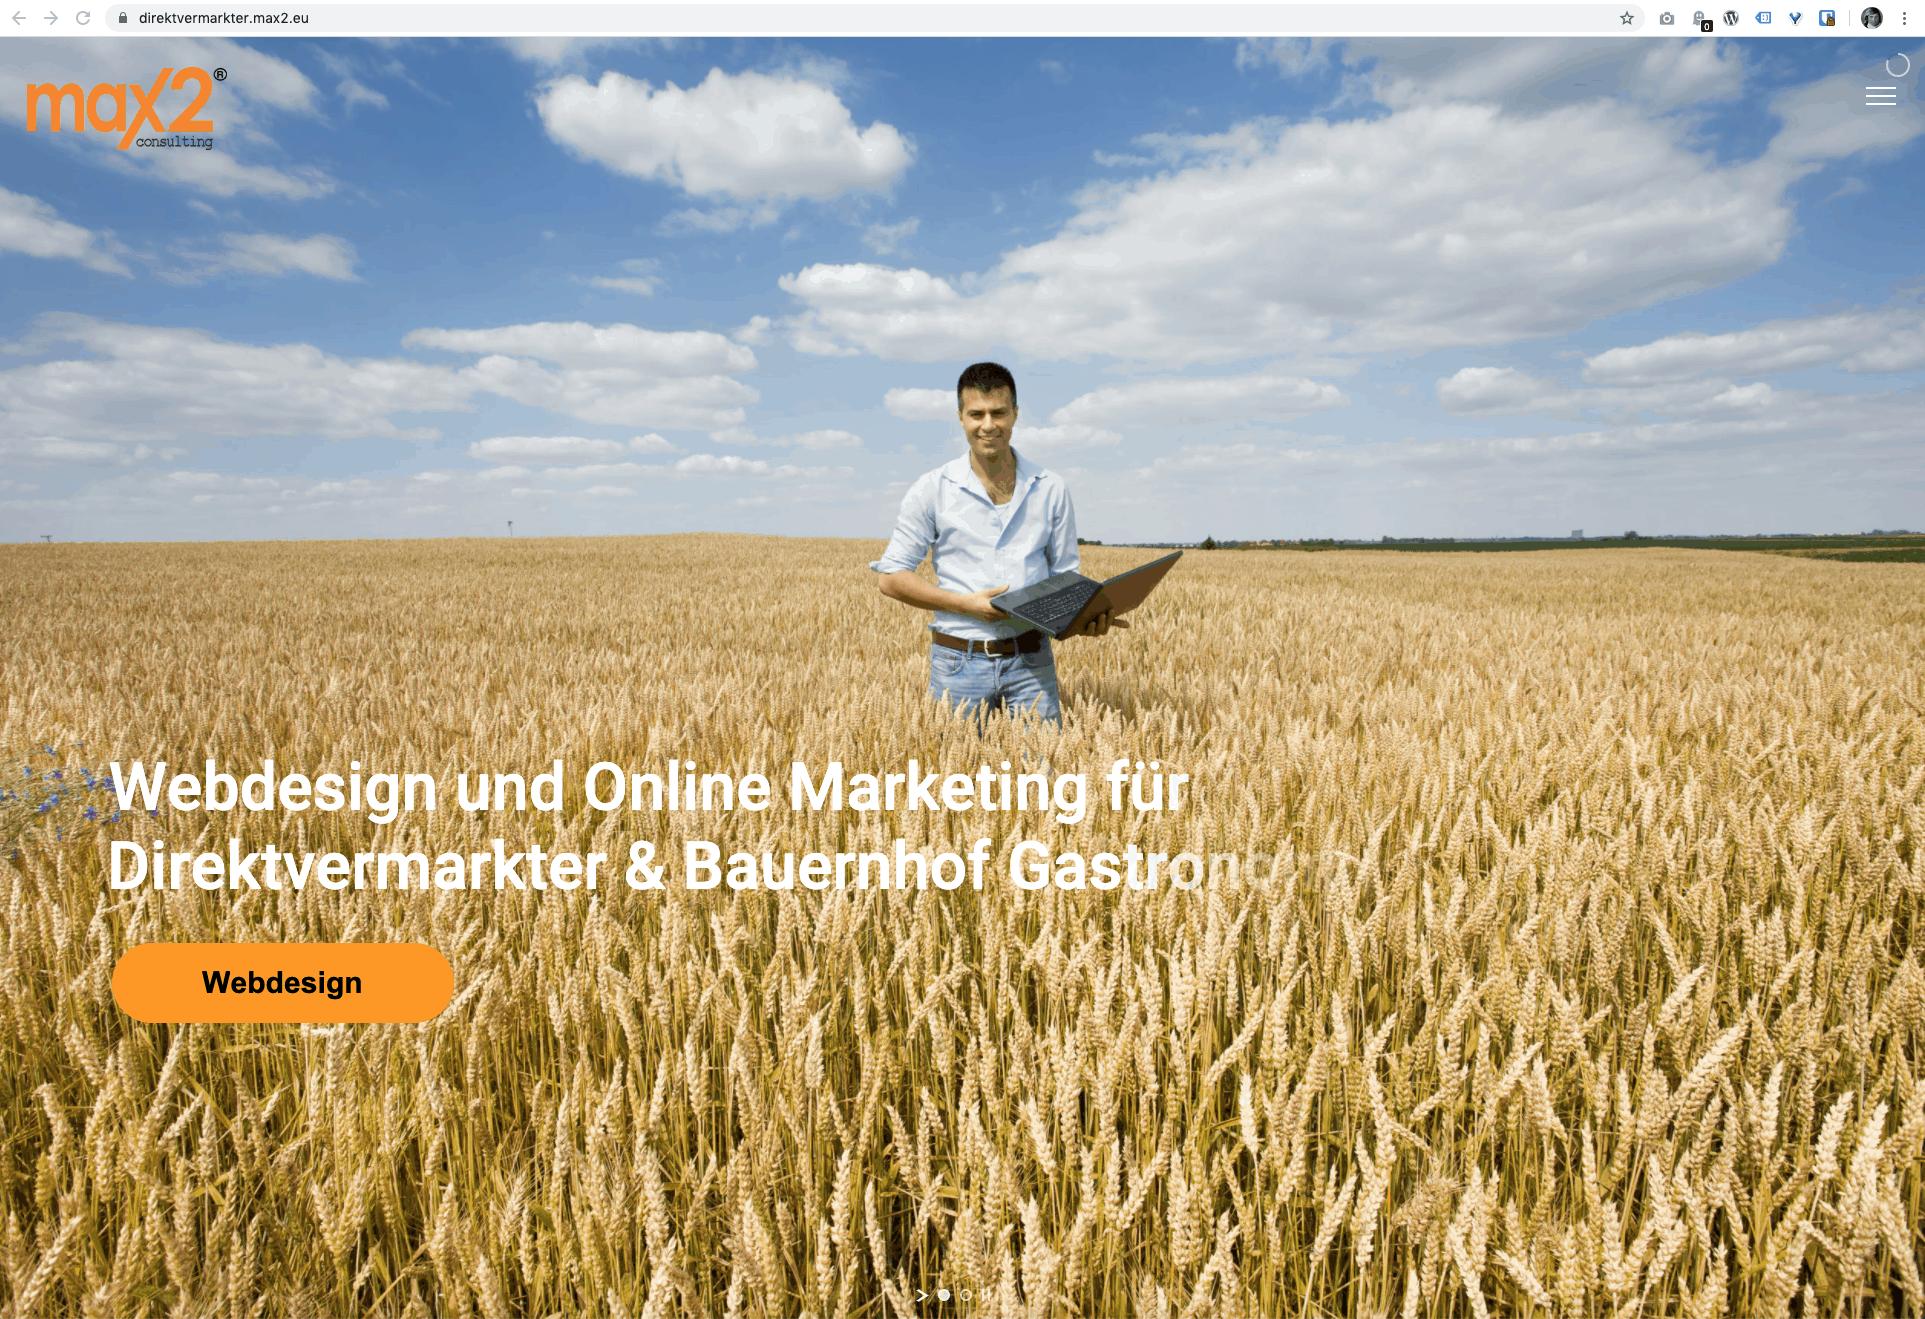 Webdesign und Online Marketing für Direktvermarkter & Bauernhof Gastronomie